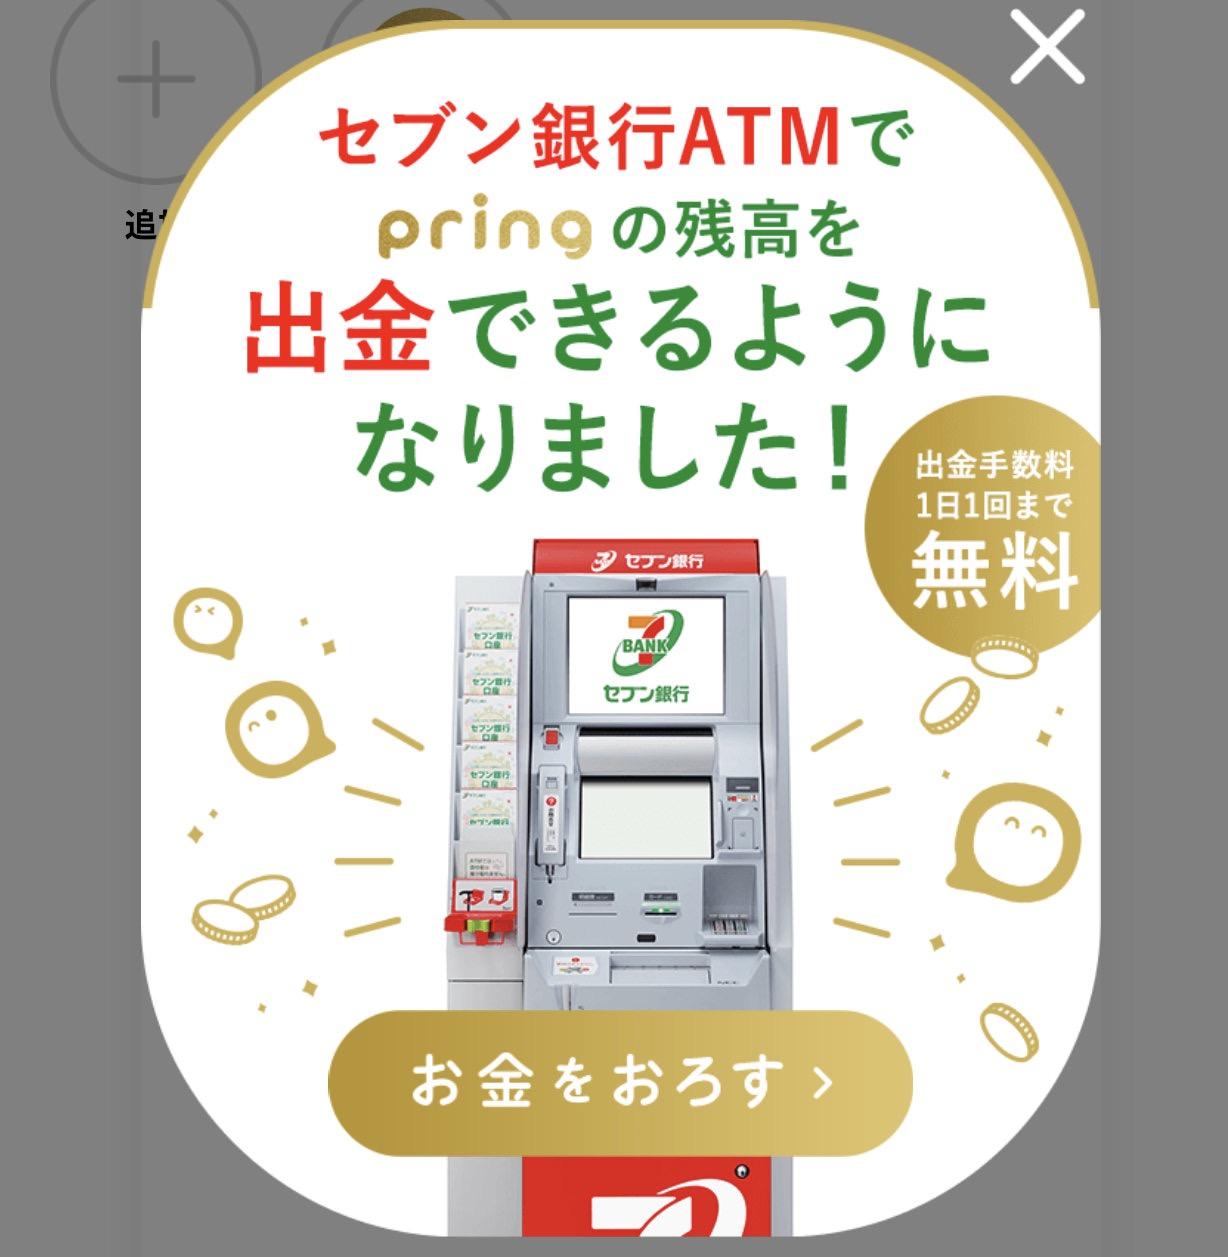 無料送金アプリ「Pring(プリン)」セブン銀行ATMから出金可能に